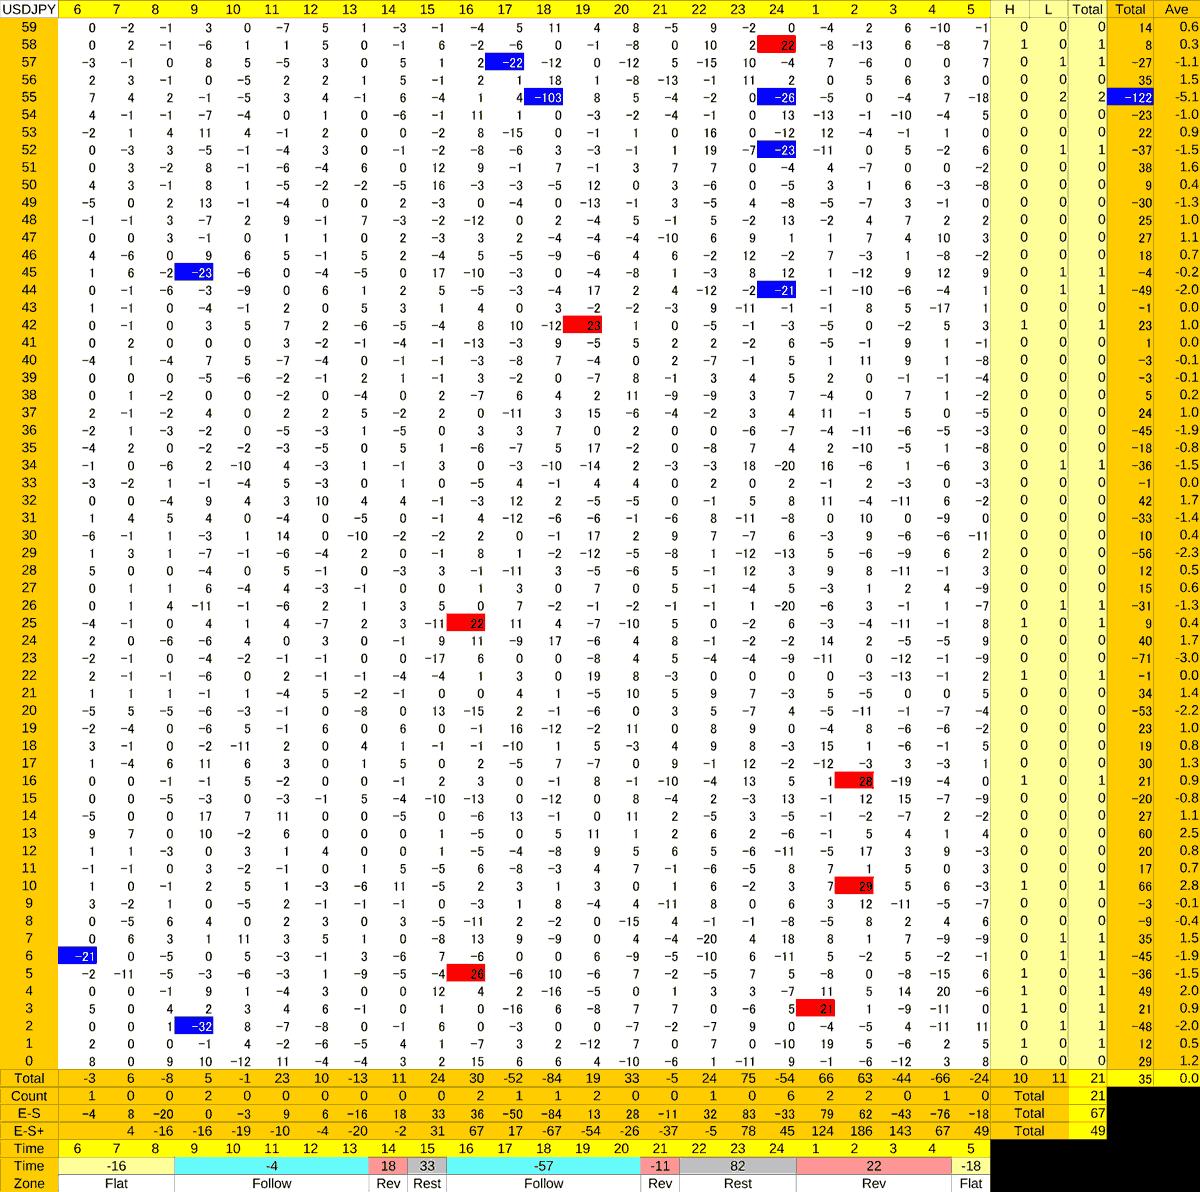 20201209_HS(1)USDJPY